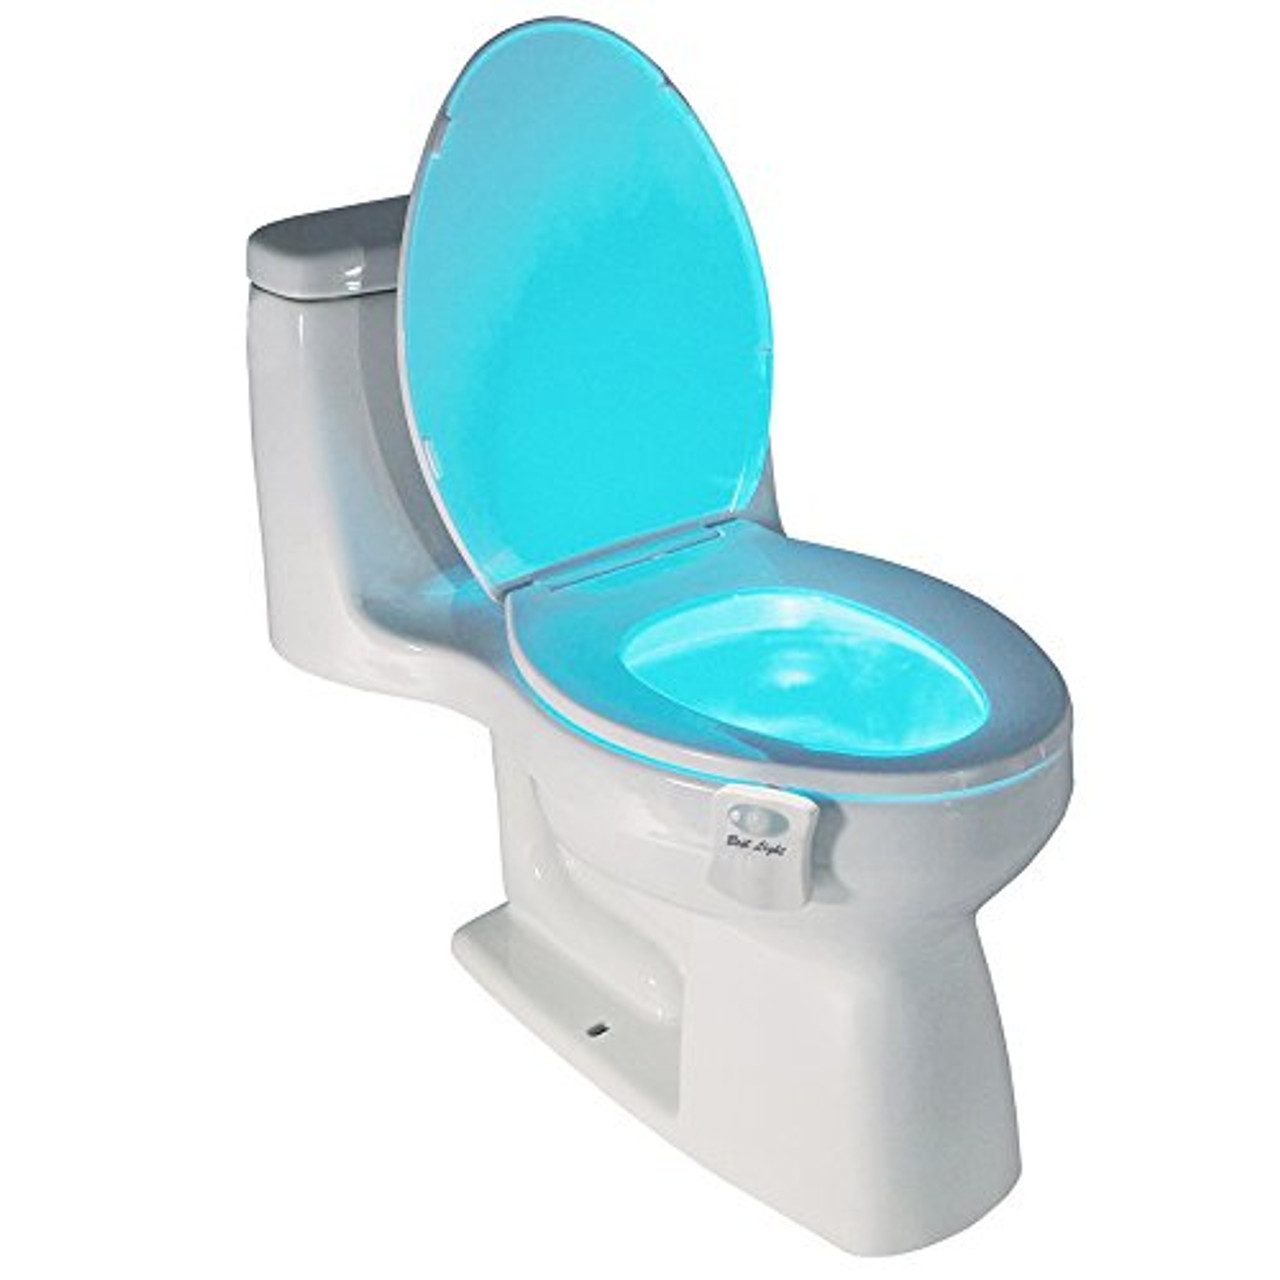 Toilet light LED